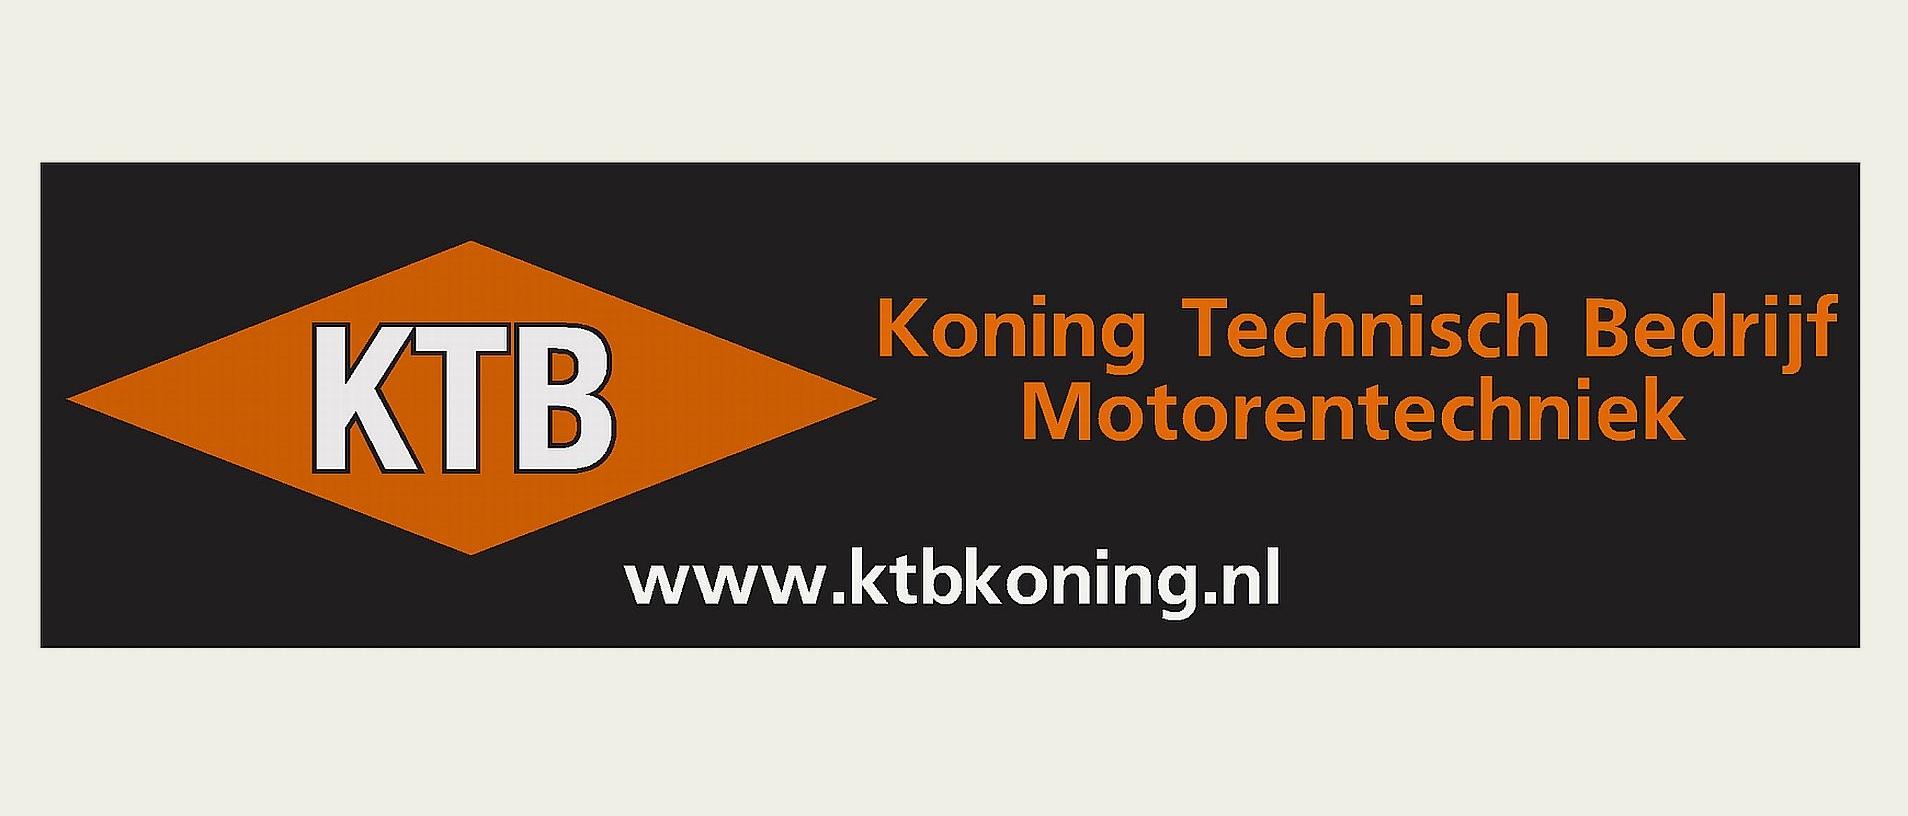 Koning Technisch Bedrijf Motorentechniek